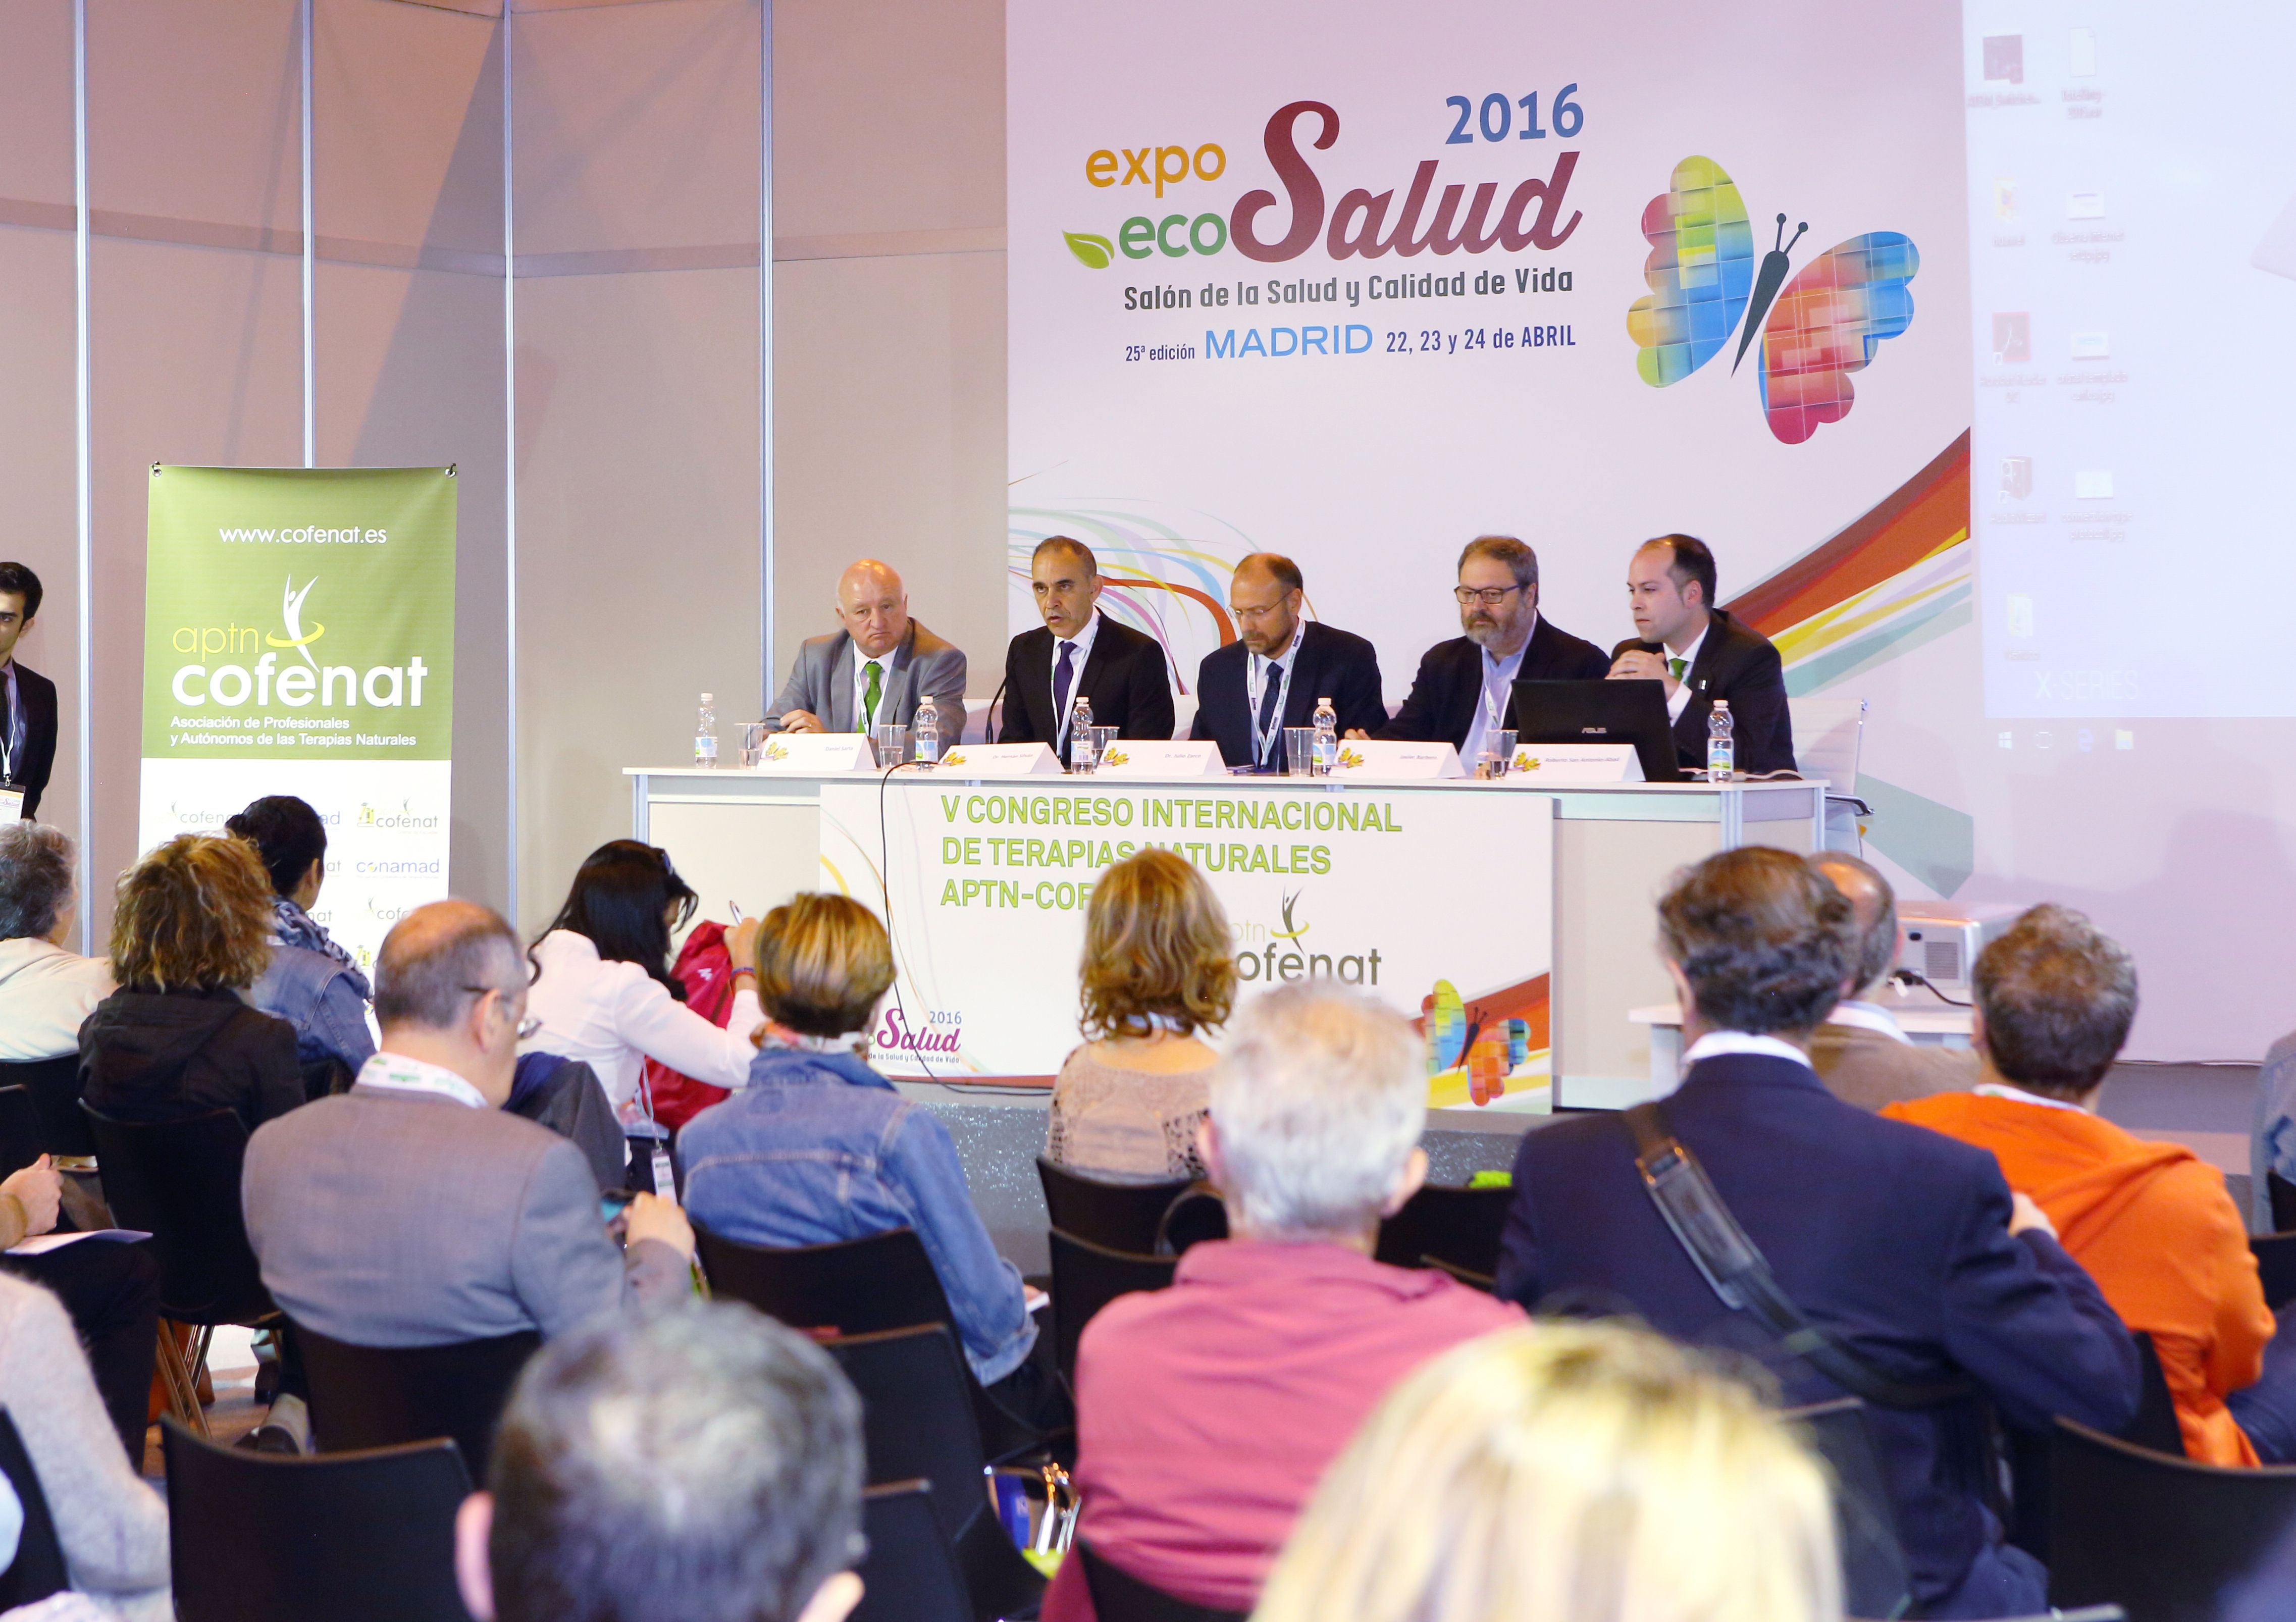 Expo Eco Salud actividades